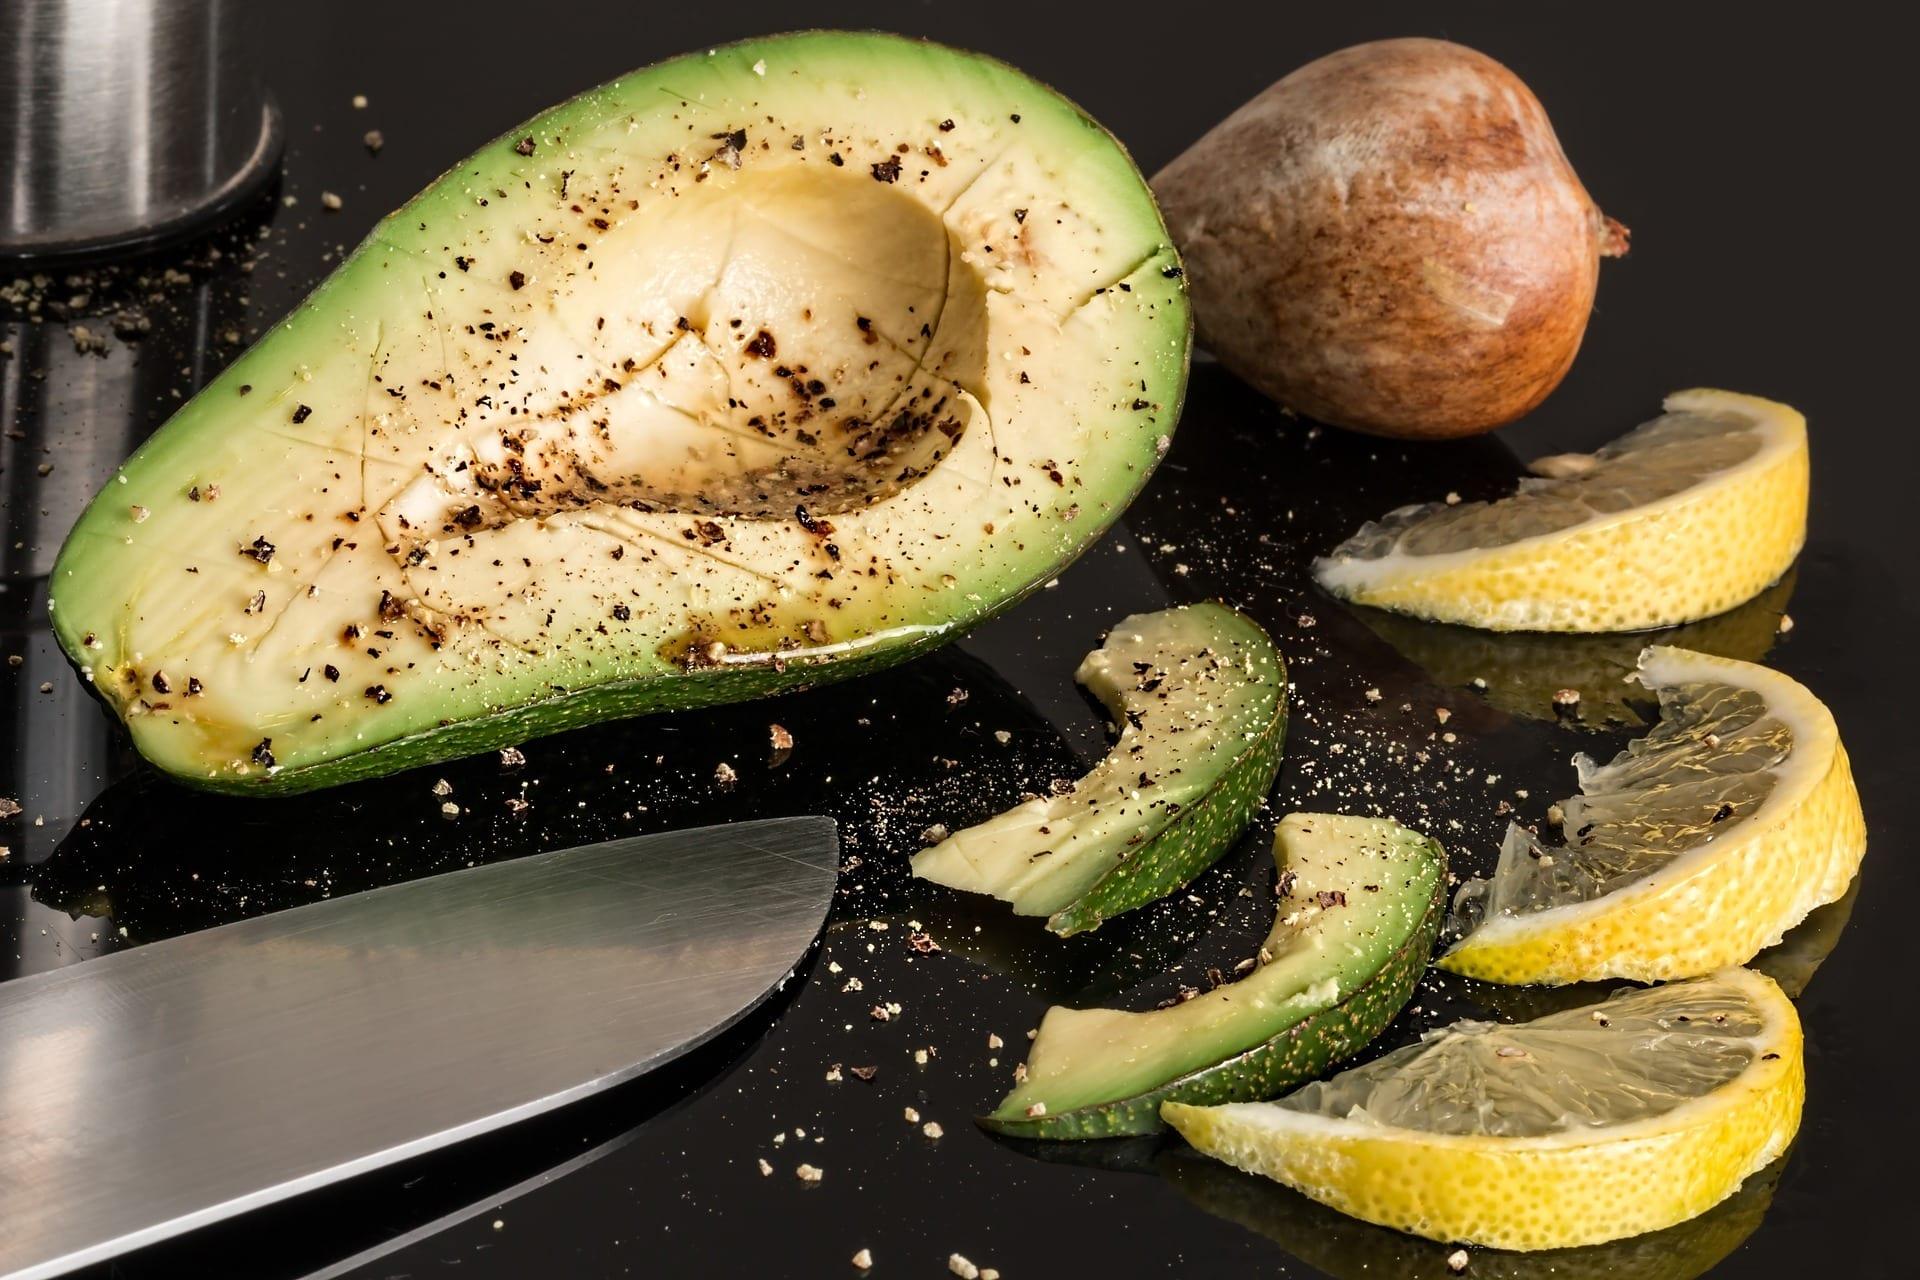 Ricette con Avocado | Mangiare sano e con gusto è possibile